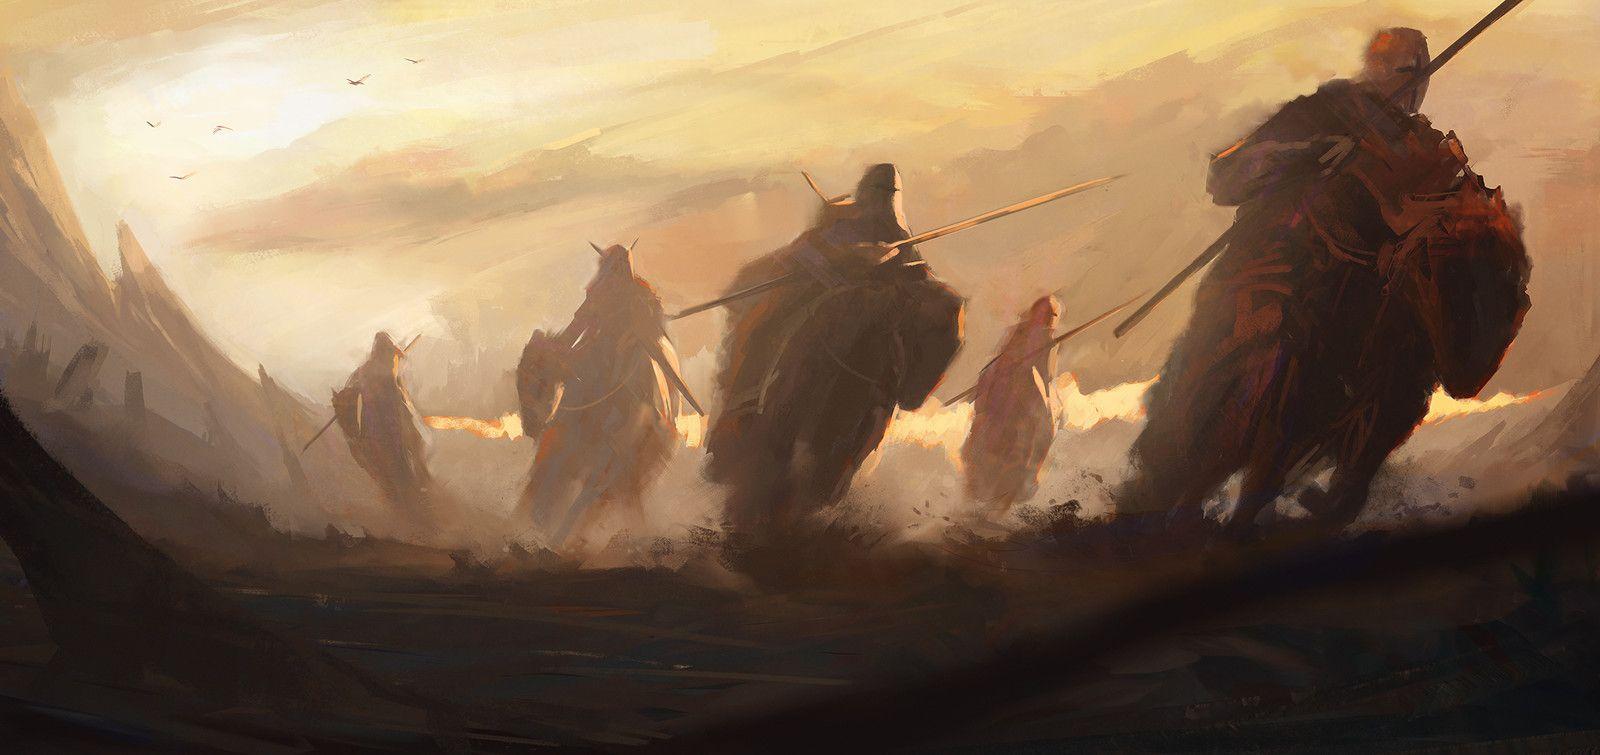 Desert knights sketch, Nikolay Moskvin on ArtStation at https://www.artstation.com/artwork/Wzq2Q